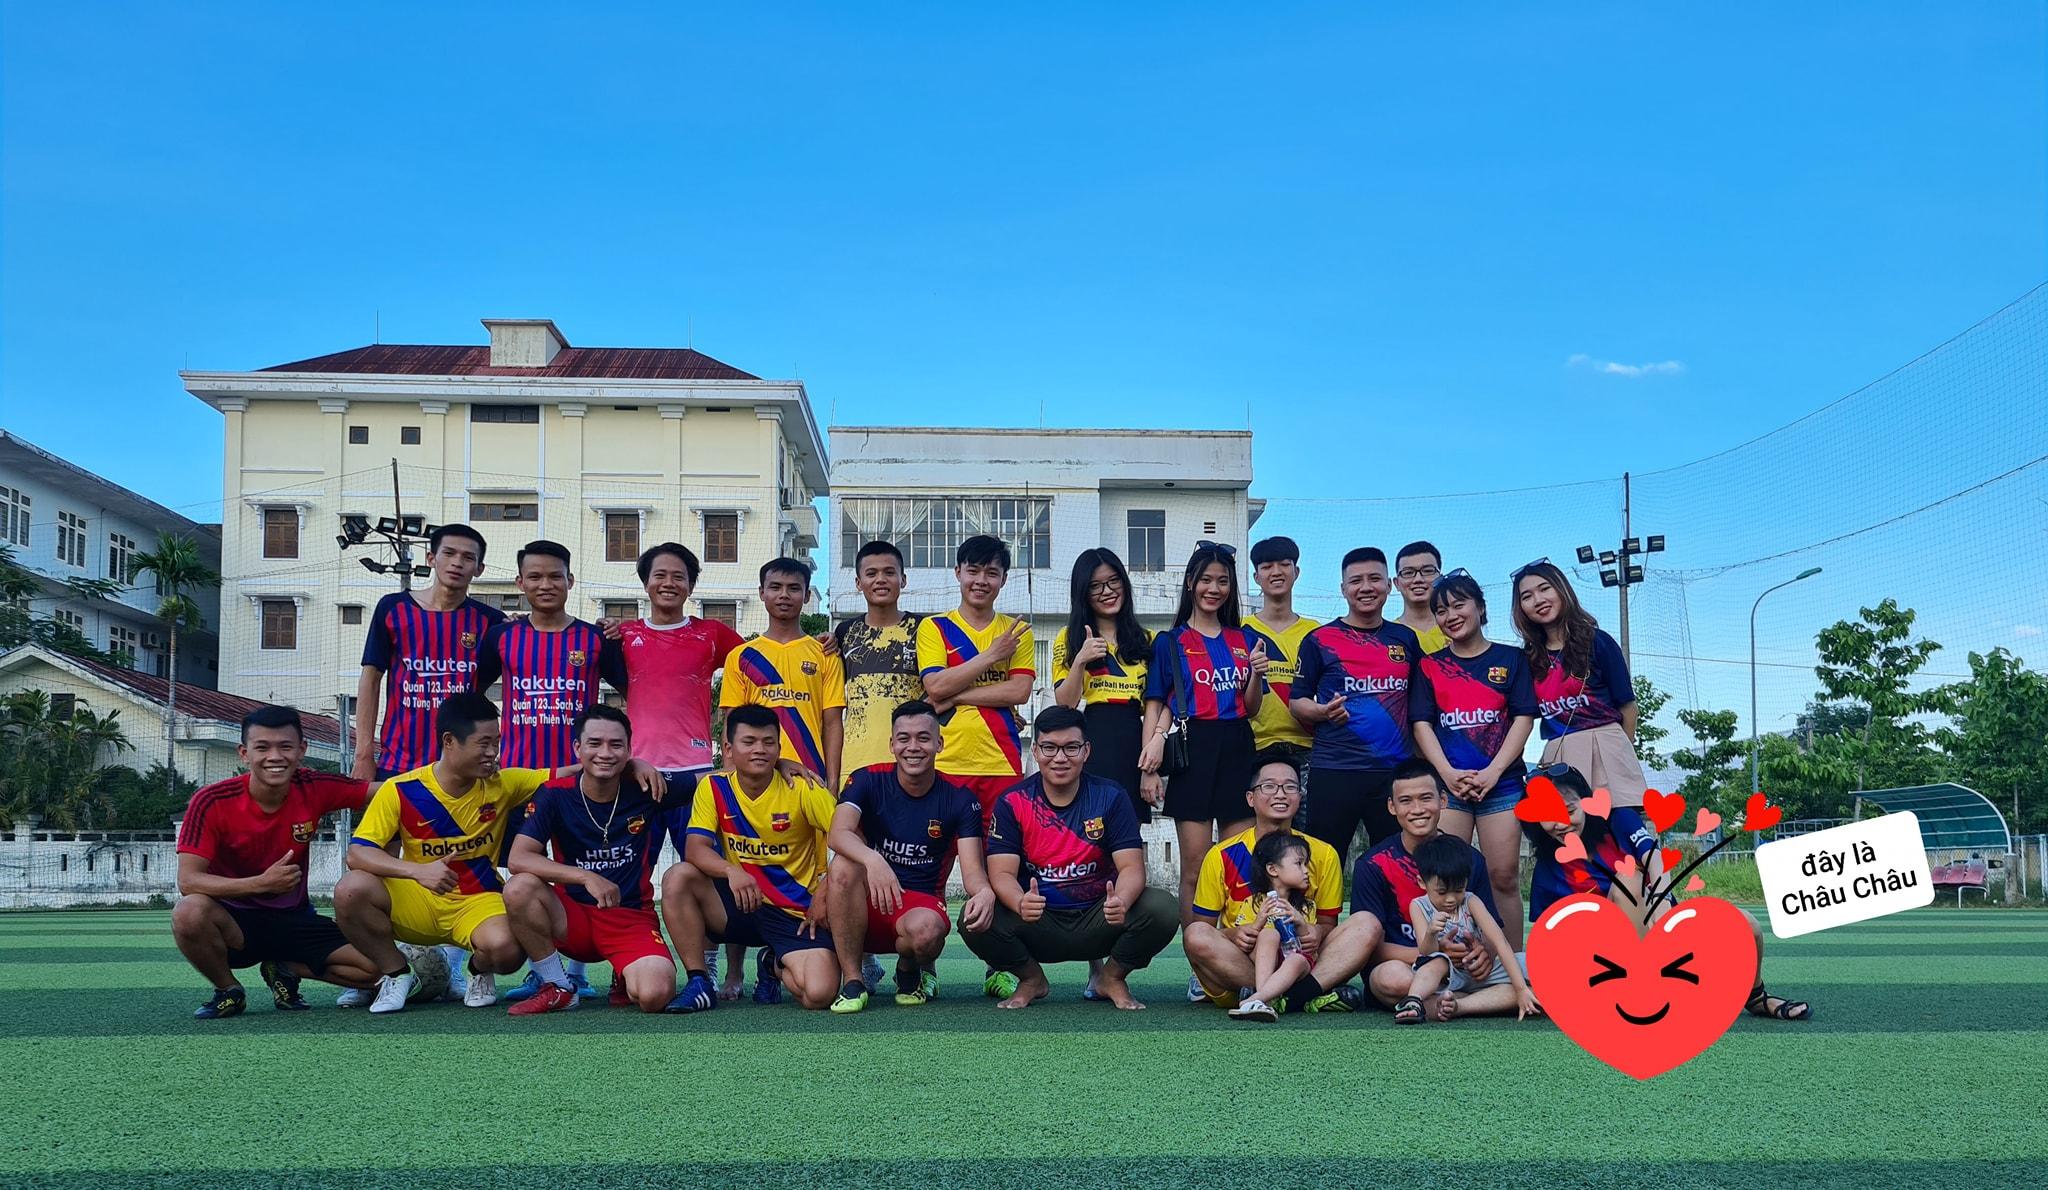 Giao hữu giữa FCB Đà Nẵng và FCB Huế